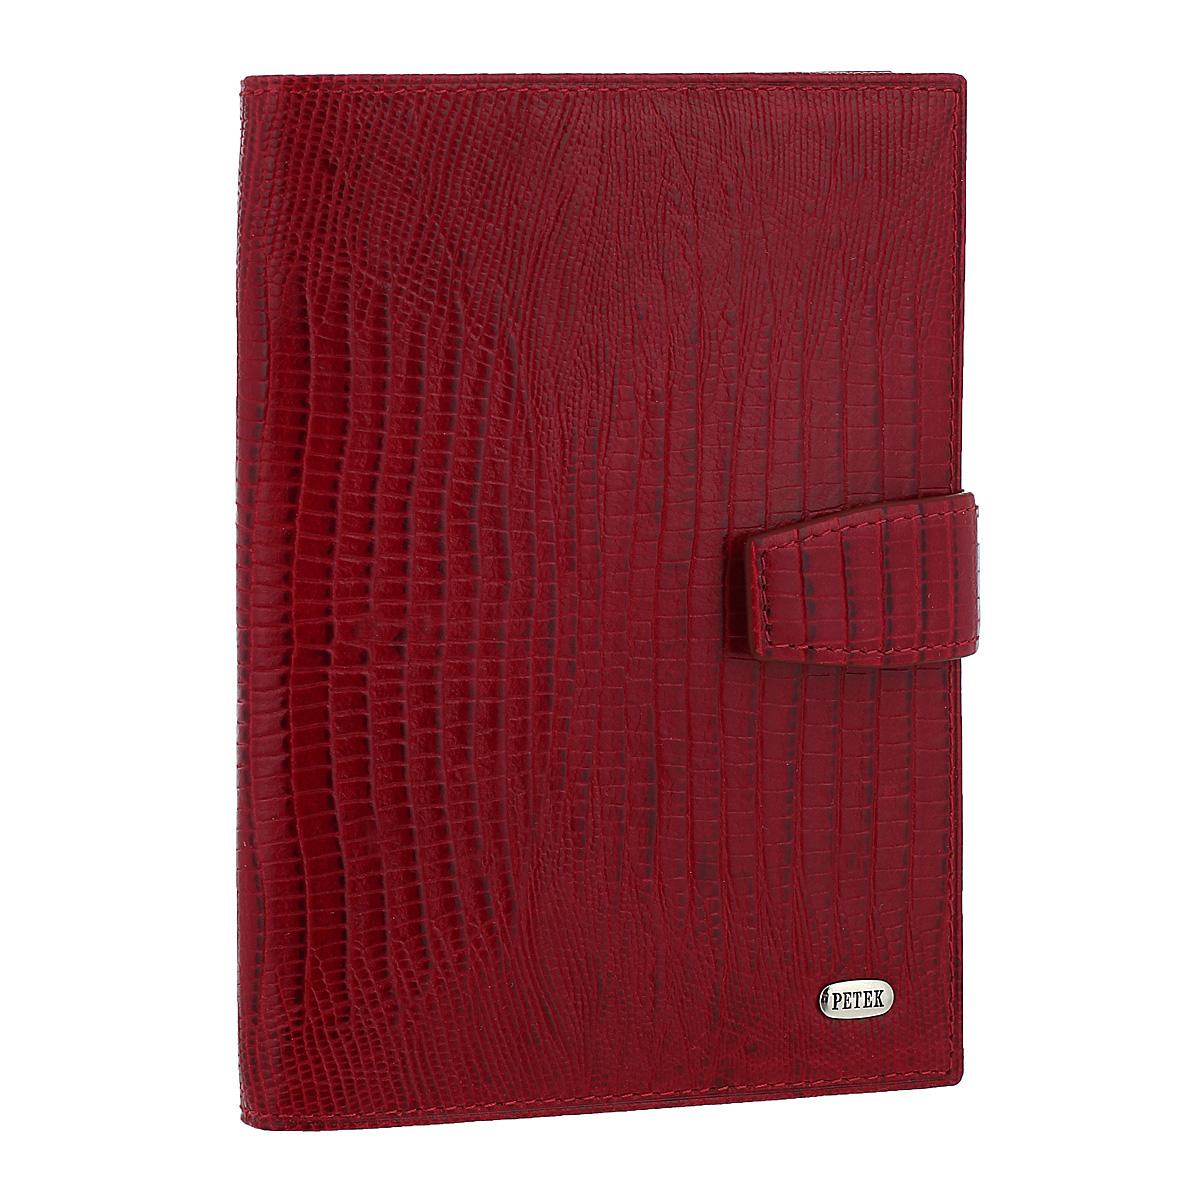 Обложка для автодокументов и паспорта Red, цвет: красный. 595.041.10595.041.10 RedОбложка для автодокументов и паспорта Red не только поможет сохранить внешний вид ваших документов и защитить их от повреждений, но и станет стильным аксессуаром, идеально подходящим вашему образу. Обложка выполнена из натуральной кожи с декоративным тиснением под крокодила. На внутреннем развороте имеются два прозрачных кармана, съемный блок из шести прозрачных файлов из мягкого пластика, один из которых формата А5 и два вертикальных кармана. Обложка закрывается хлястиком на кнопку. Упакована в фирменную картонную коробку. Такая обложка станет замечательным подарком человеку, ценящему качественные и практичные вещи.